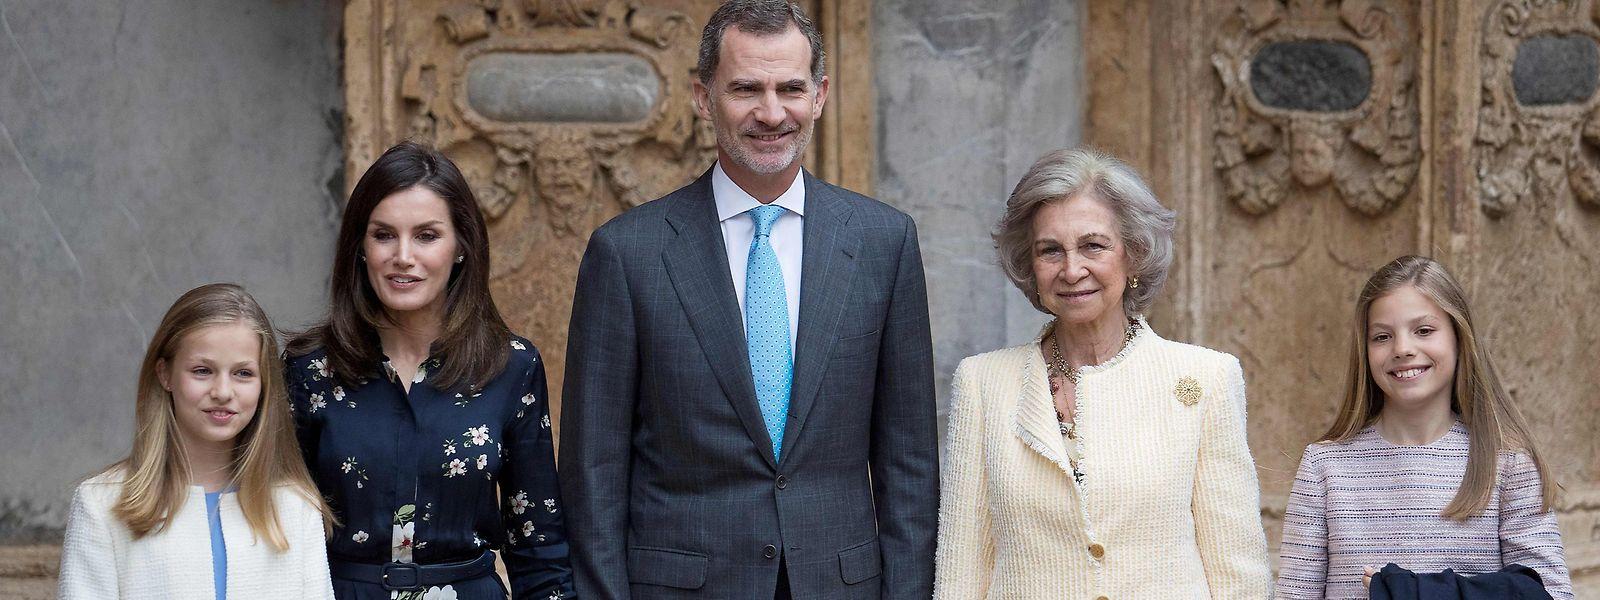 Os reis de Espanha, Felipe VI e Letizia, com a princesa Leonor (à esquerda) e a infanta Sofia (à direita), acompanhados pela rainha emérita Sofia.